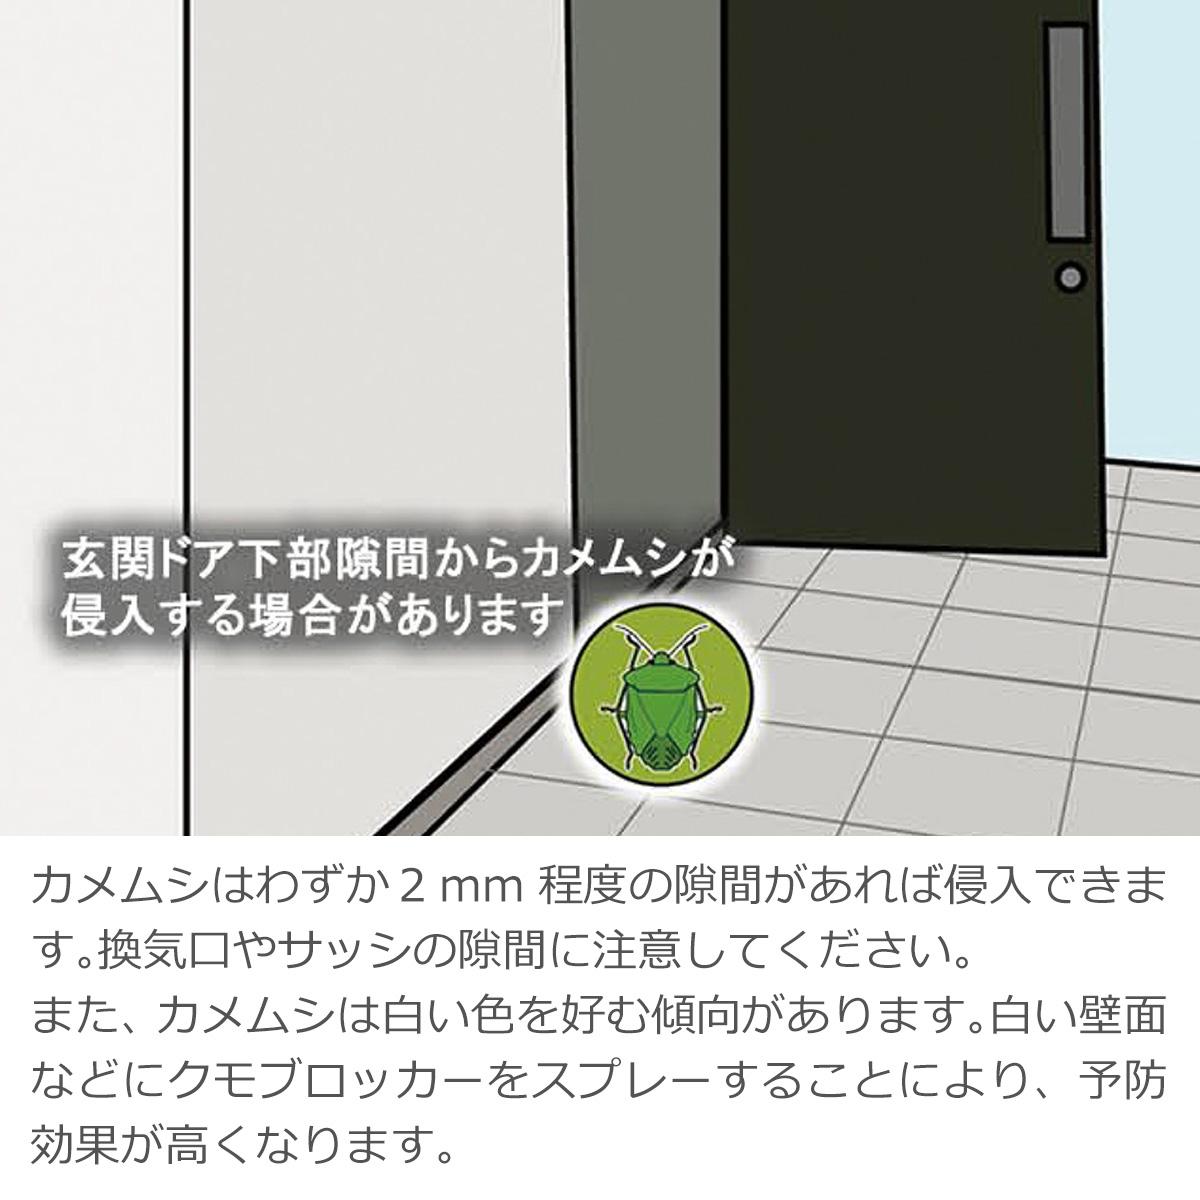 カメムシはわずか2ミリ程度の隙間があれば侵入できます。換気口やサッシの隙間に注意してください また、カメムシは白い色を好む傾向があります。白い壁面などにクモブロッカーをスプレーすることにより、予防効果が高くなります